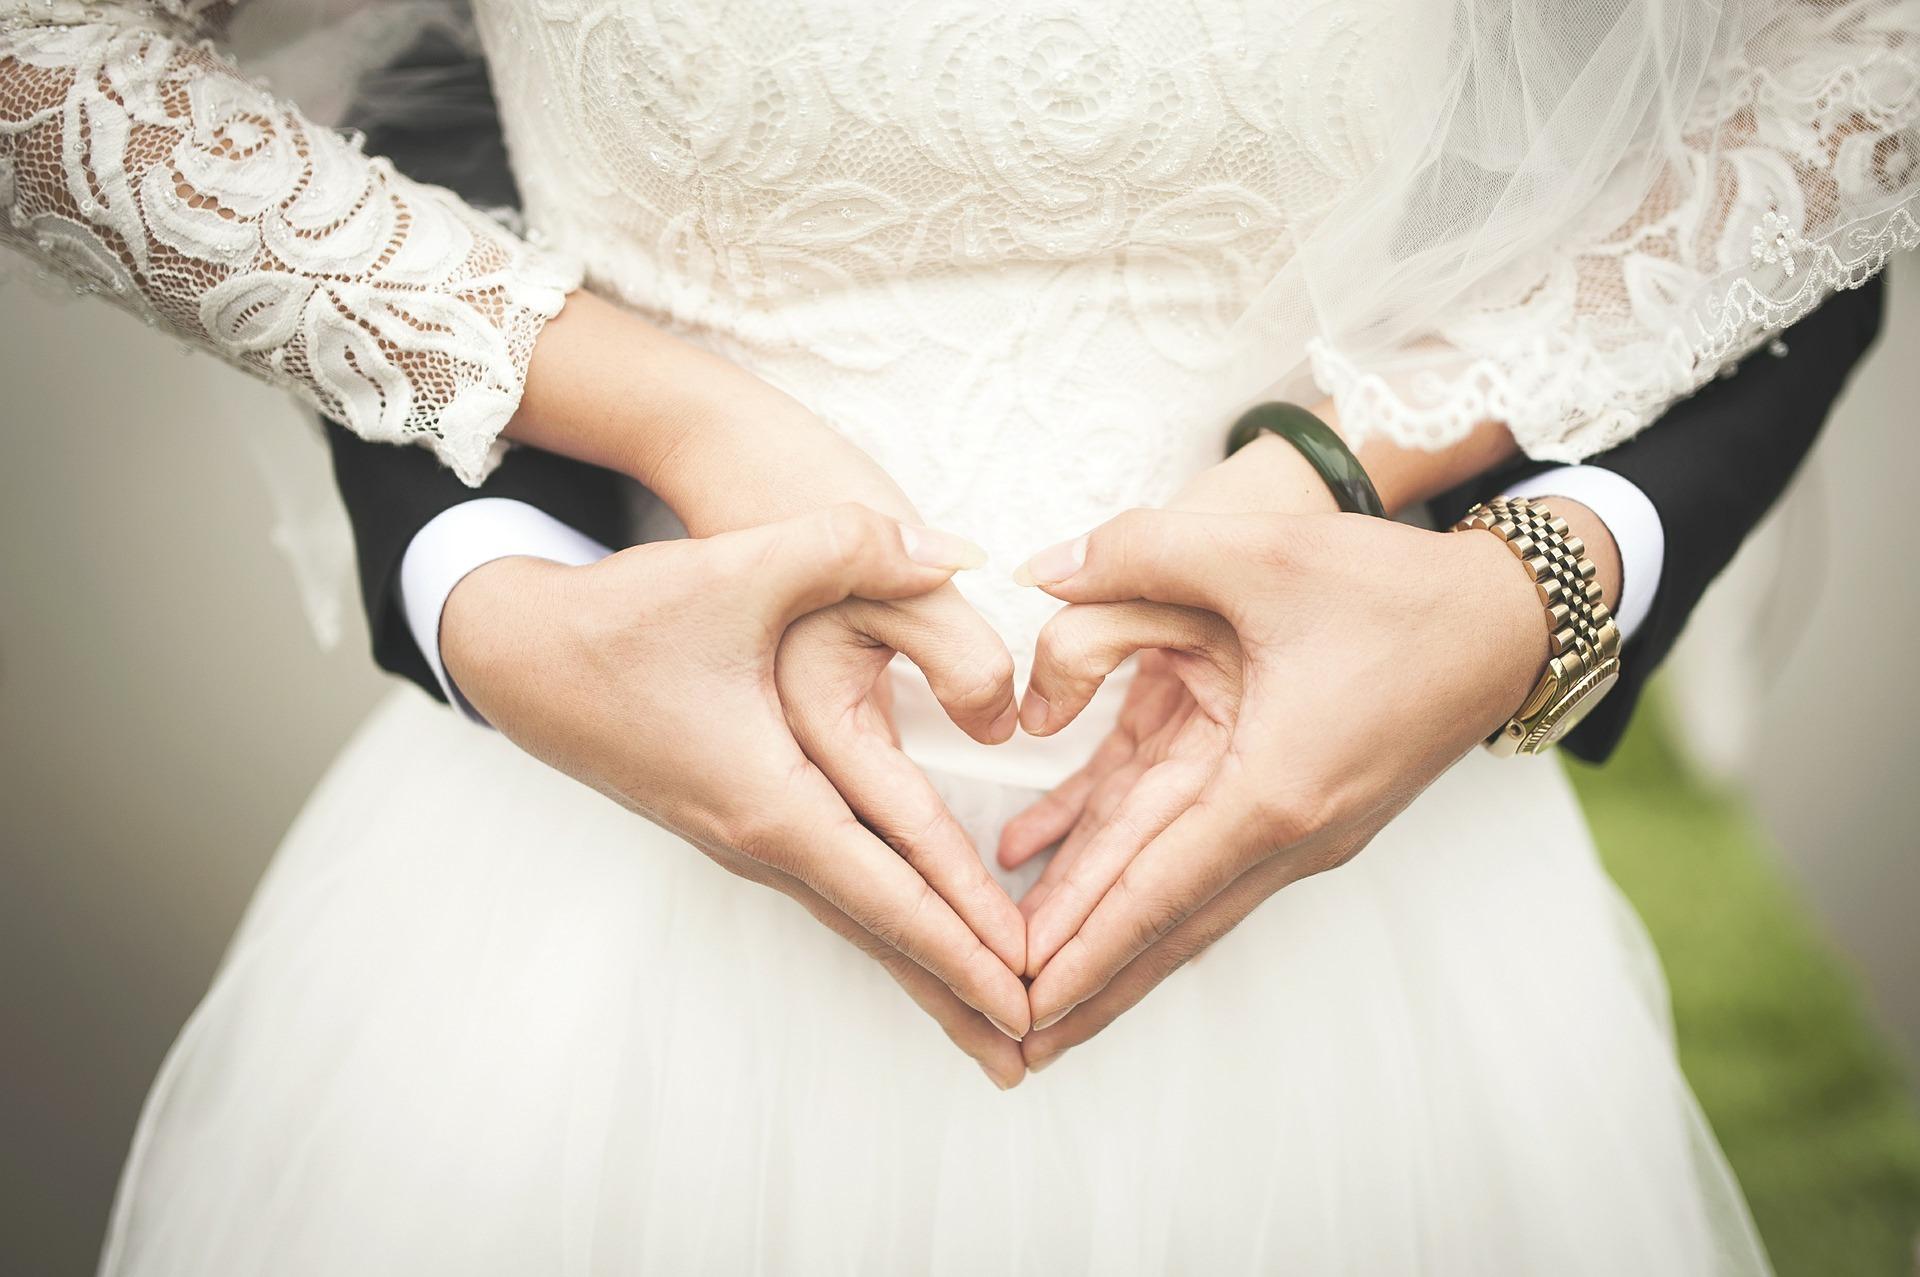 Cadeaux de mariage : 5 idées originales !